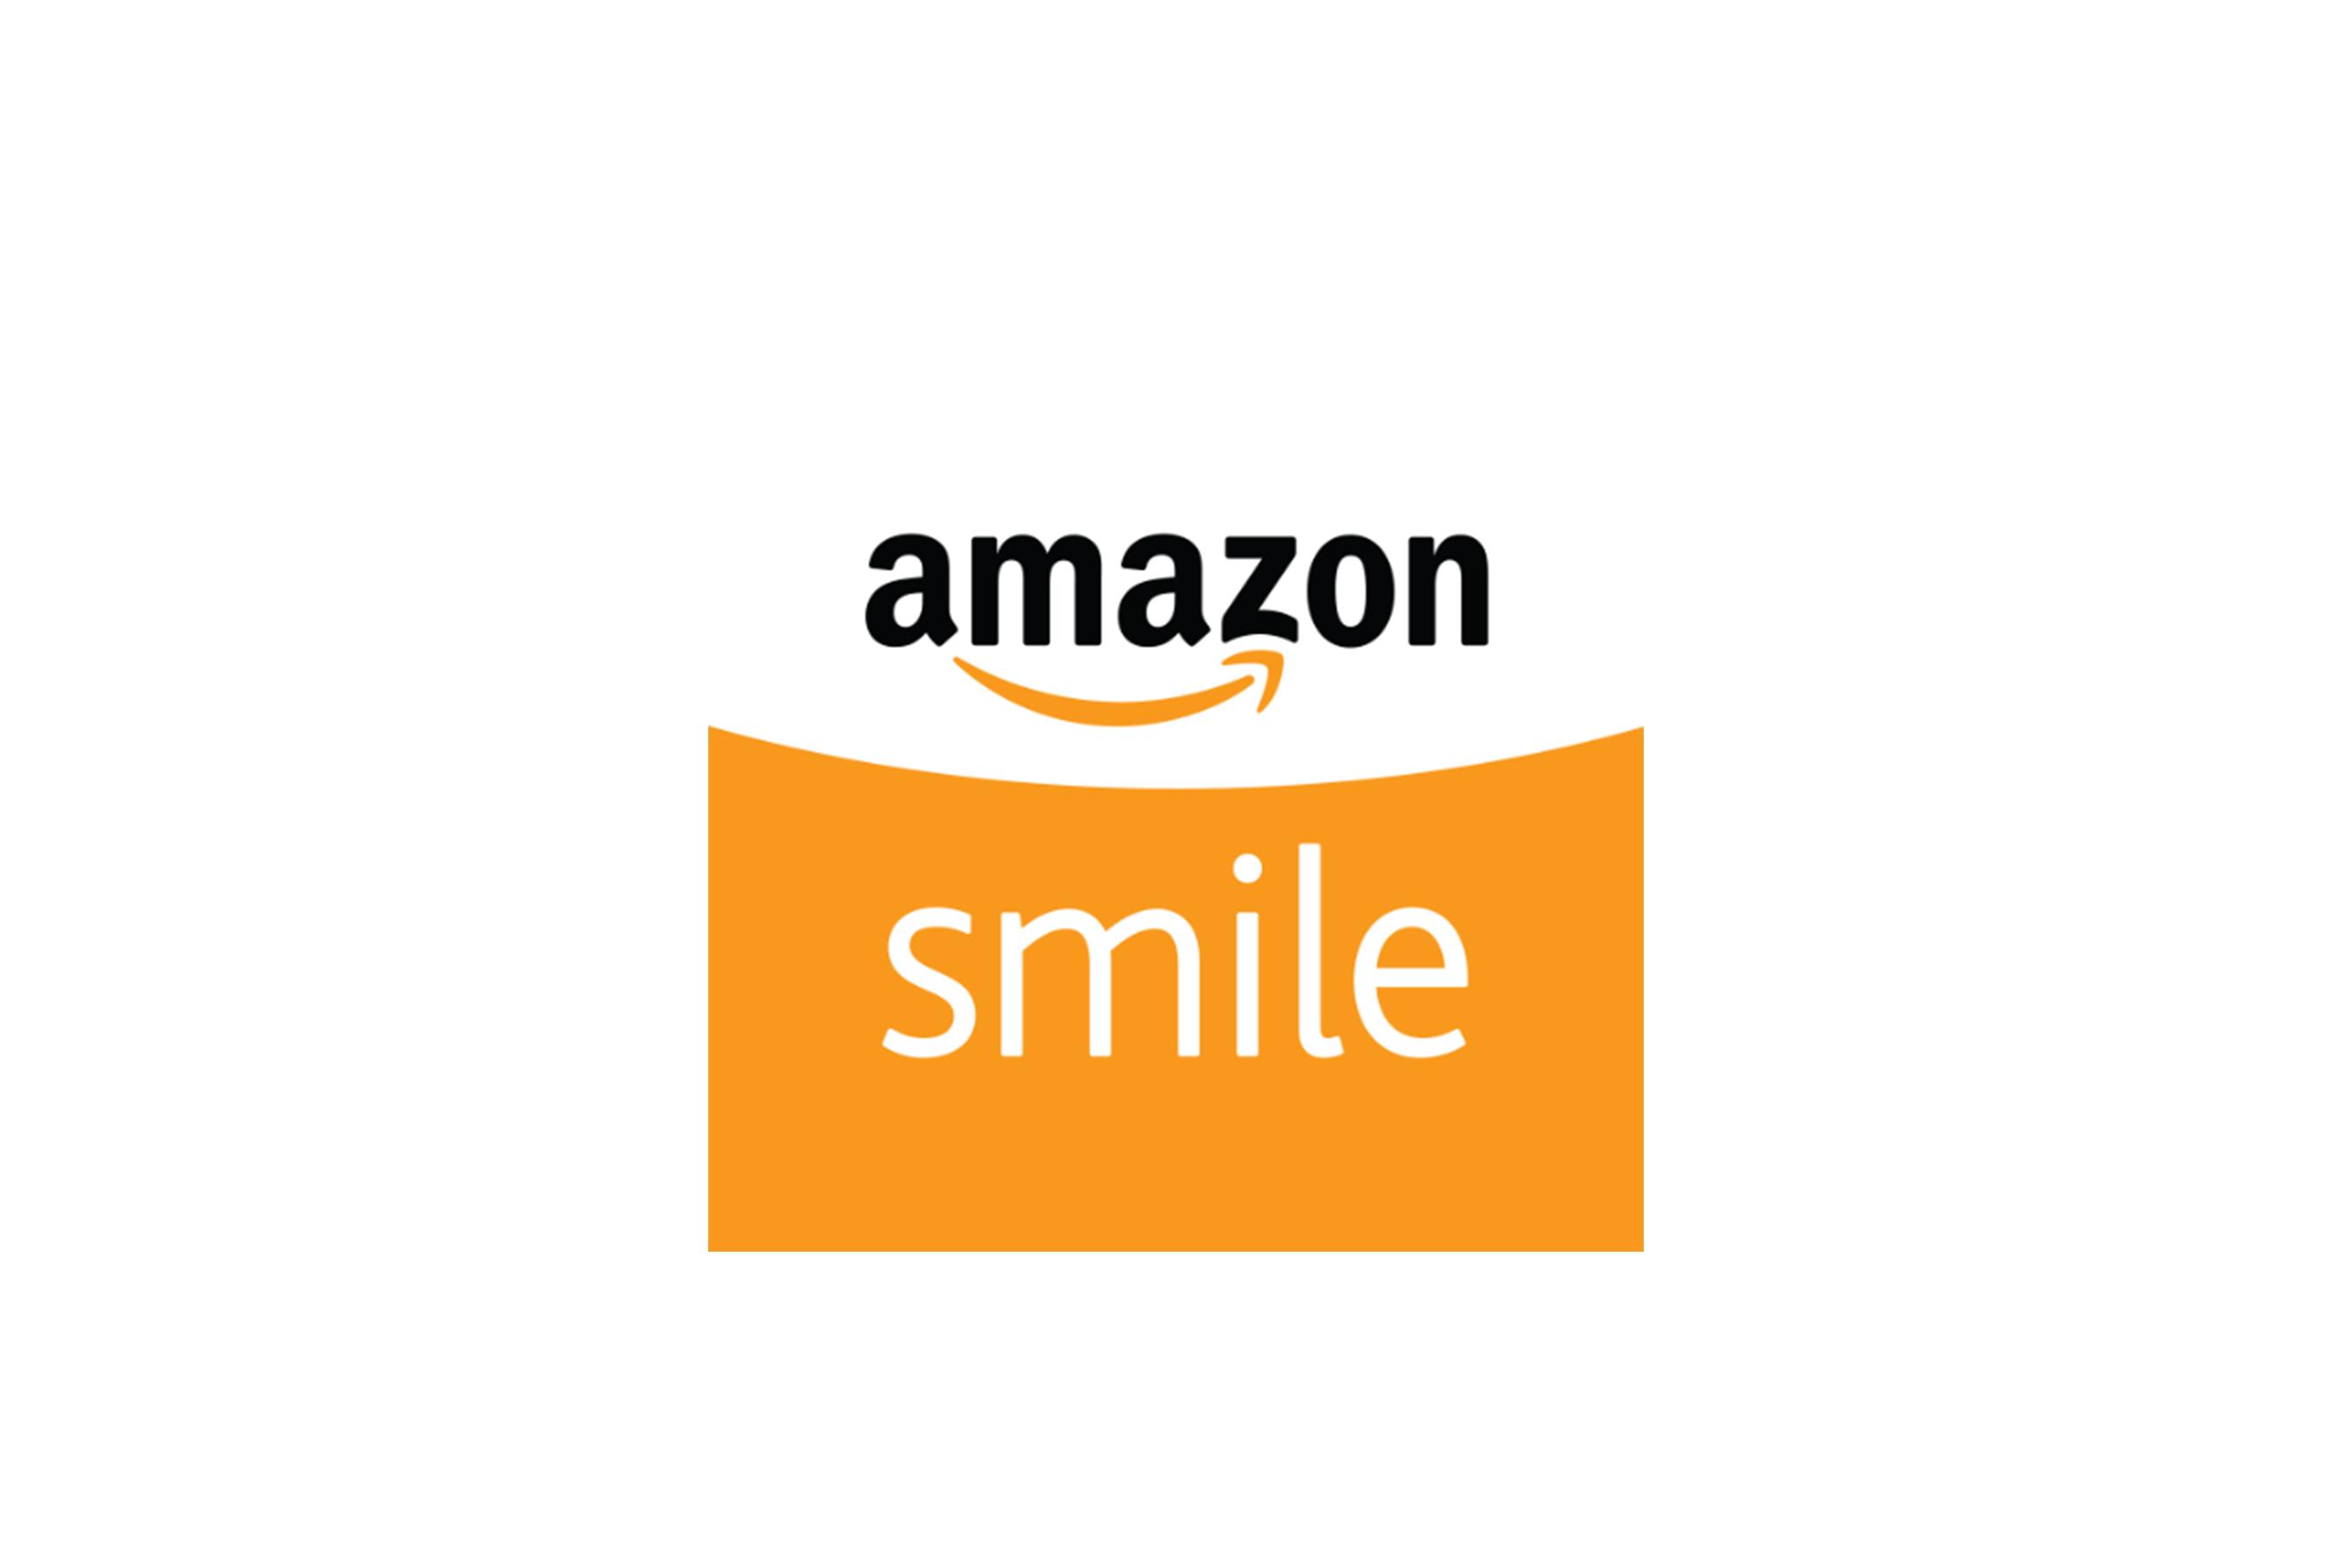 Amazon smile Logos